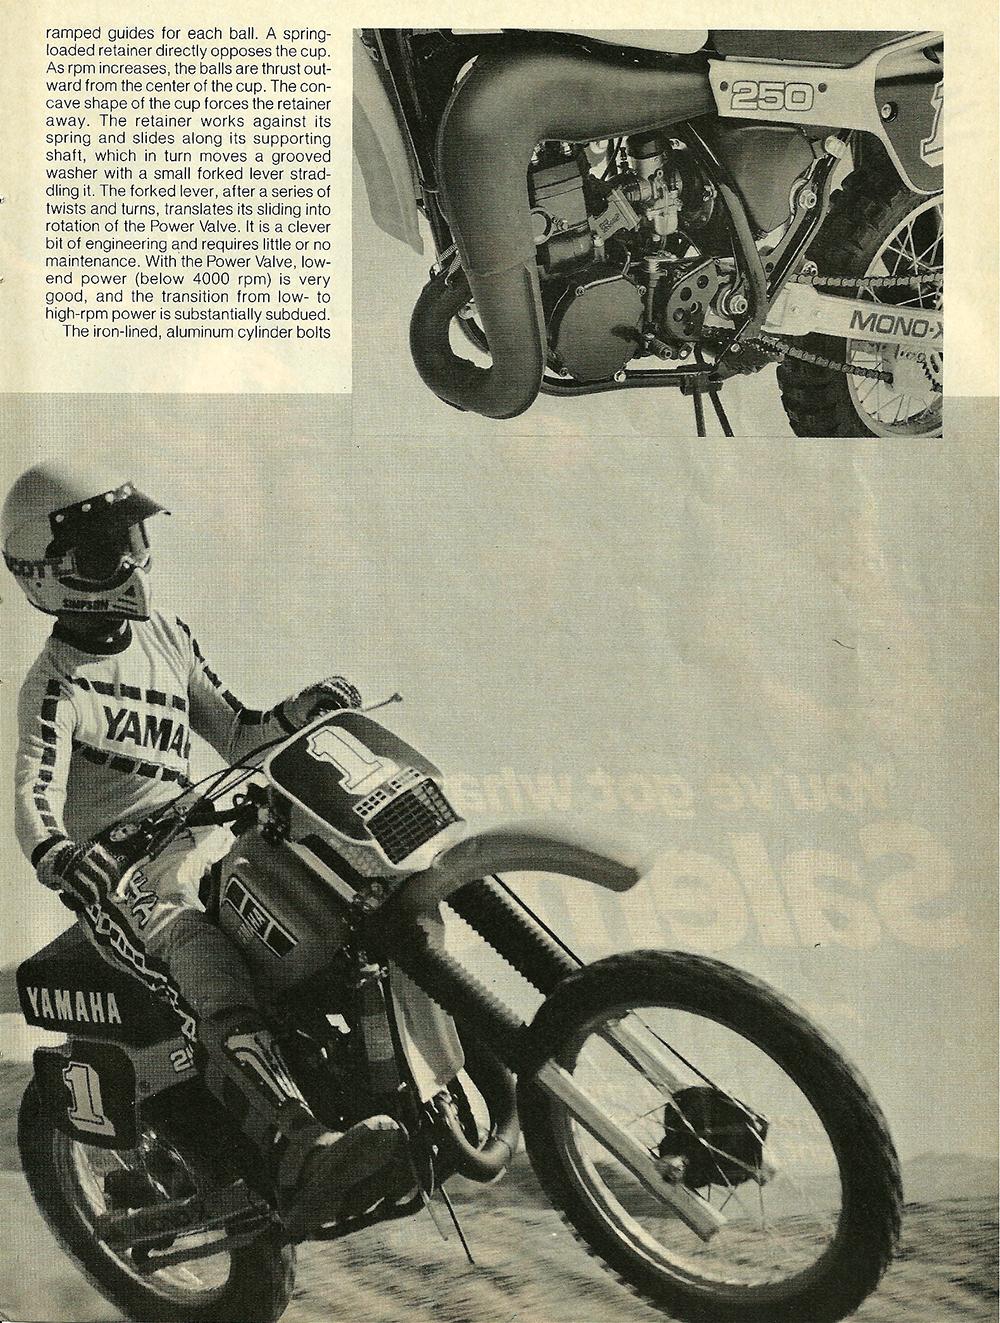 1982 Yamaha YZ250J road test 4.jpg